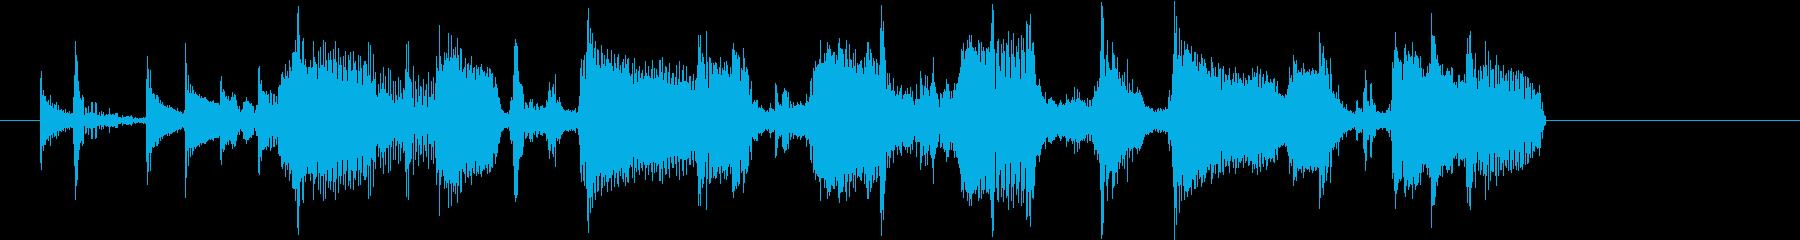 お洒落で疾走感あるギターファンクジングルの再生済みの波形